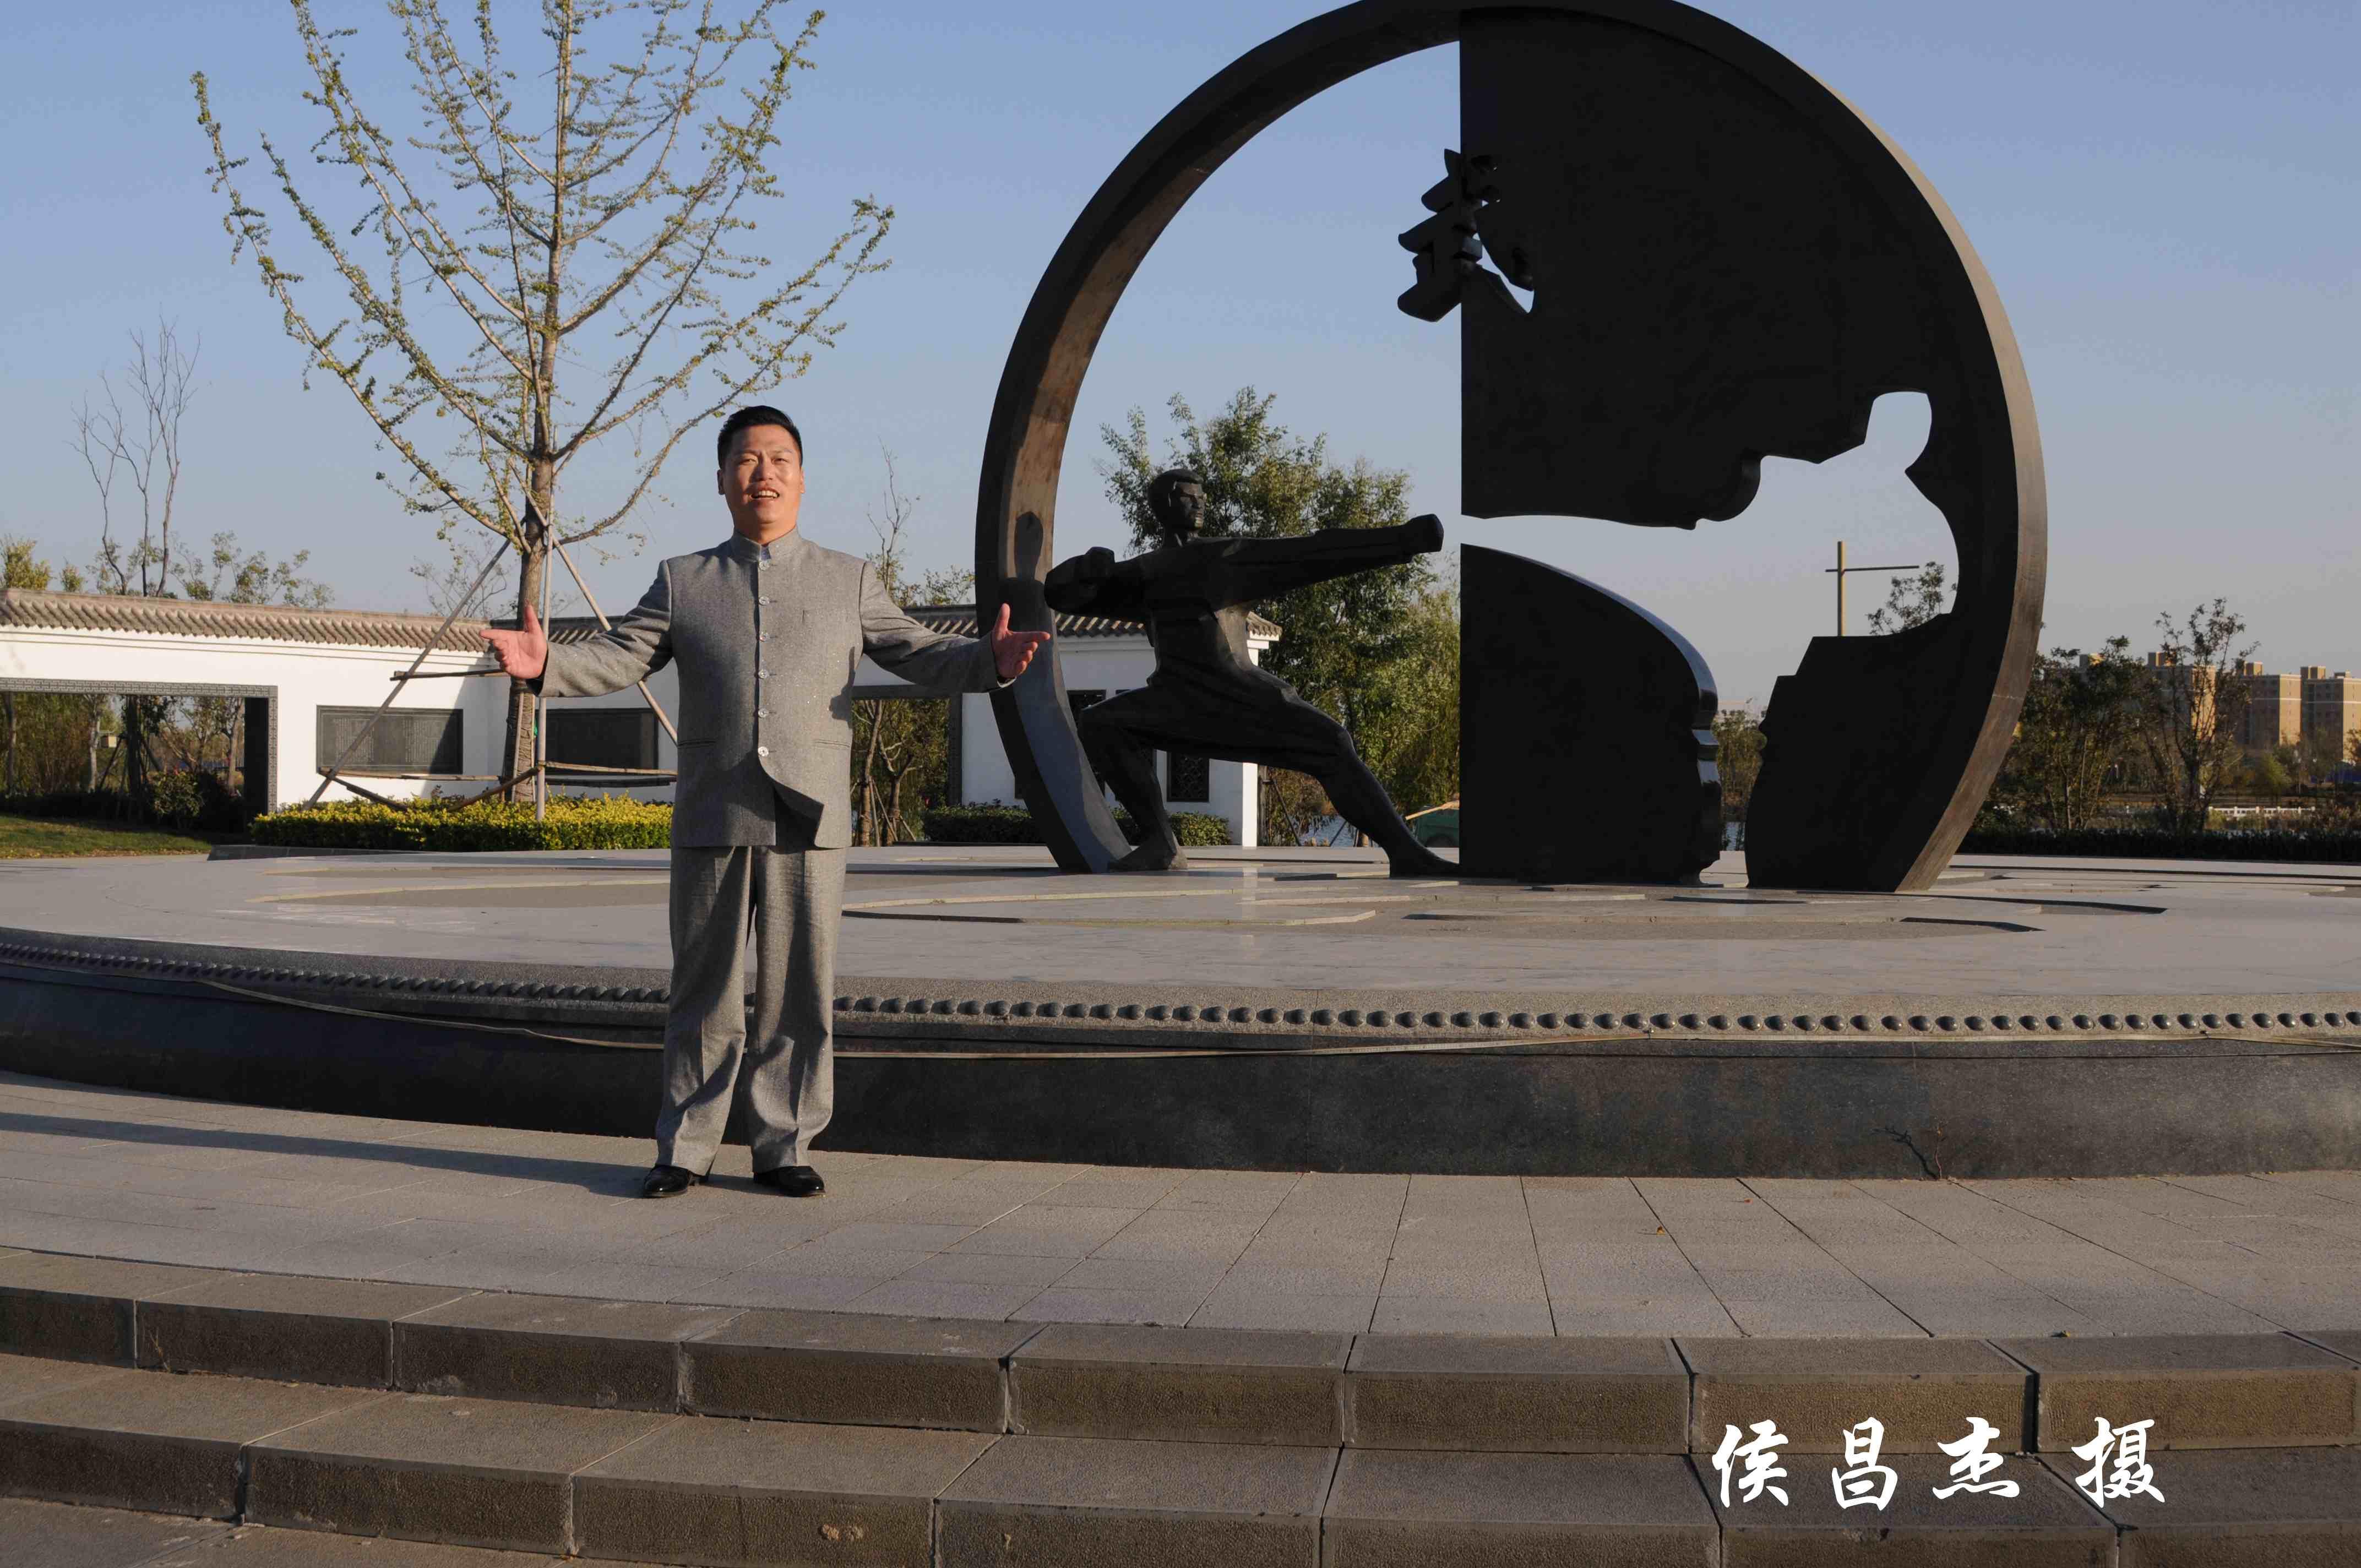 2860中国农民爱心歌唱家贾崇珍演唱《郓城传奇》MV摄制花絮